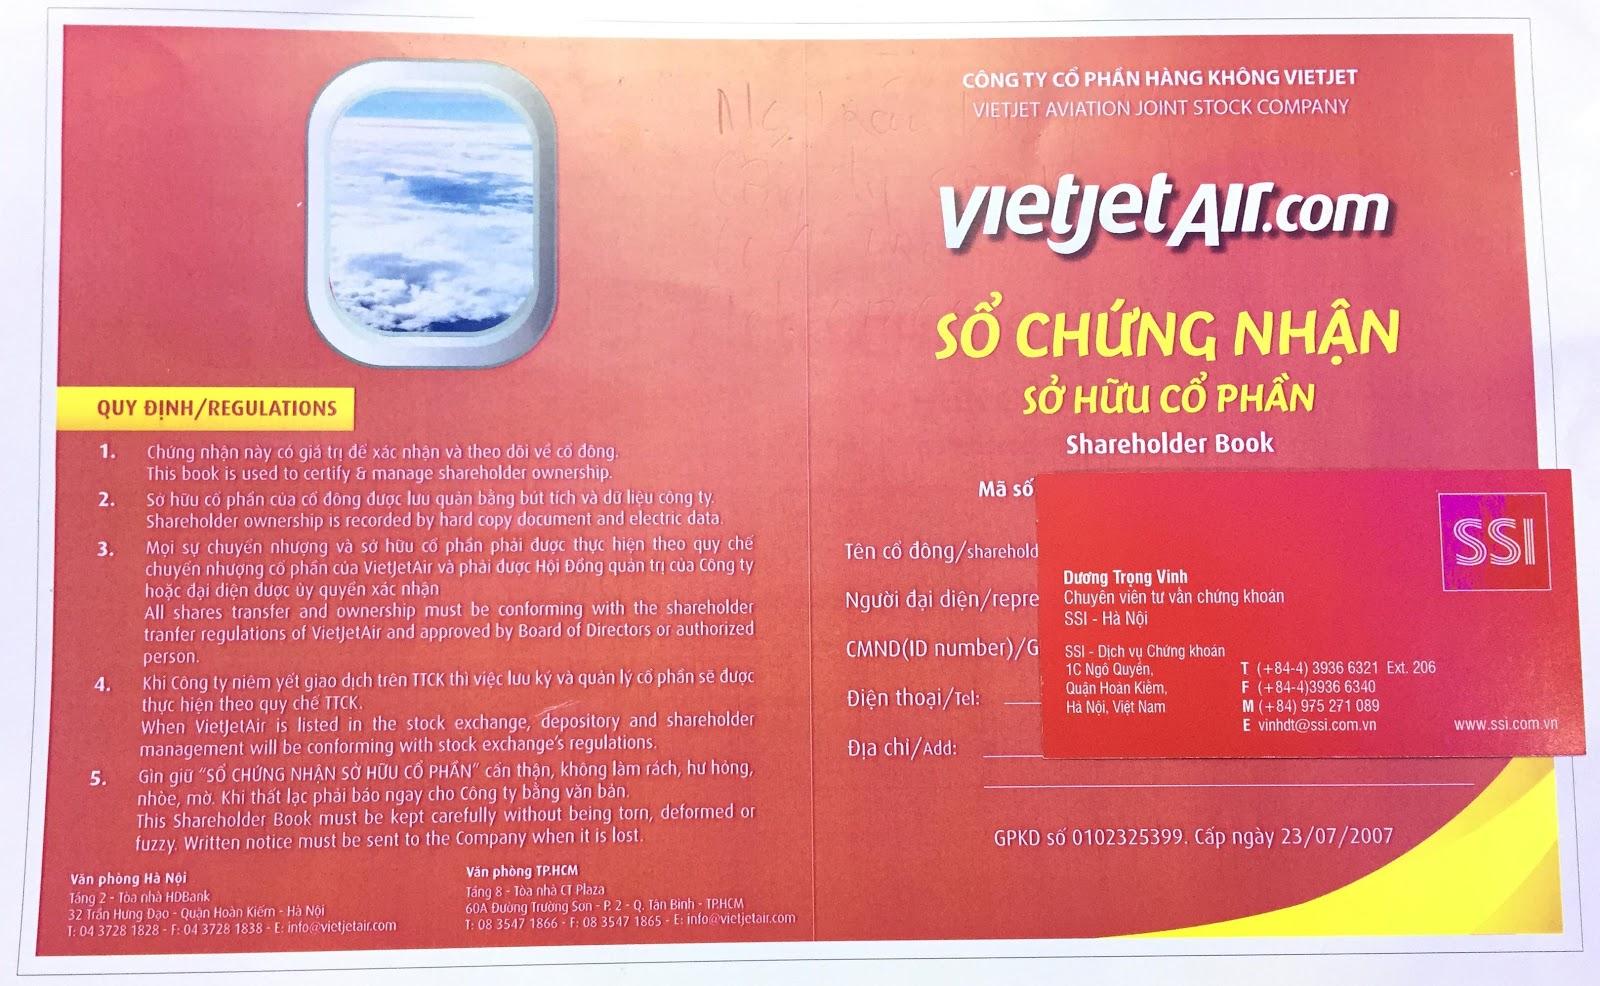 Hỗ trợ lưu ký chứng khoán nhiệt tình và chu đáo nhất, Lưu ký chứng khoán, Hướng dẫn lưu ký chứng khoán, Vietjet Air